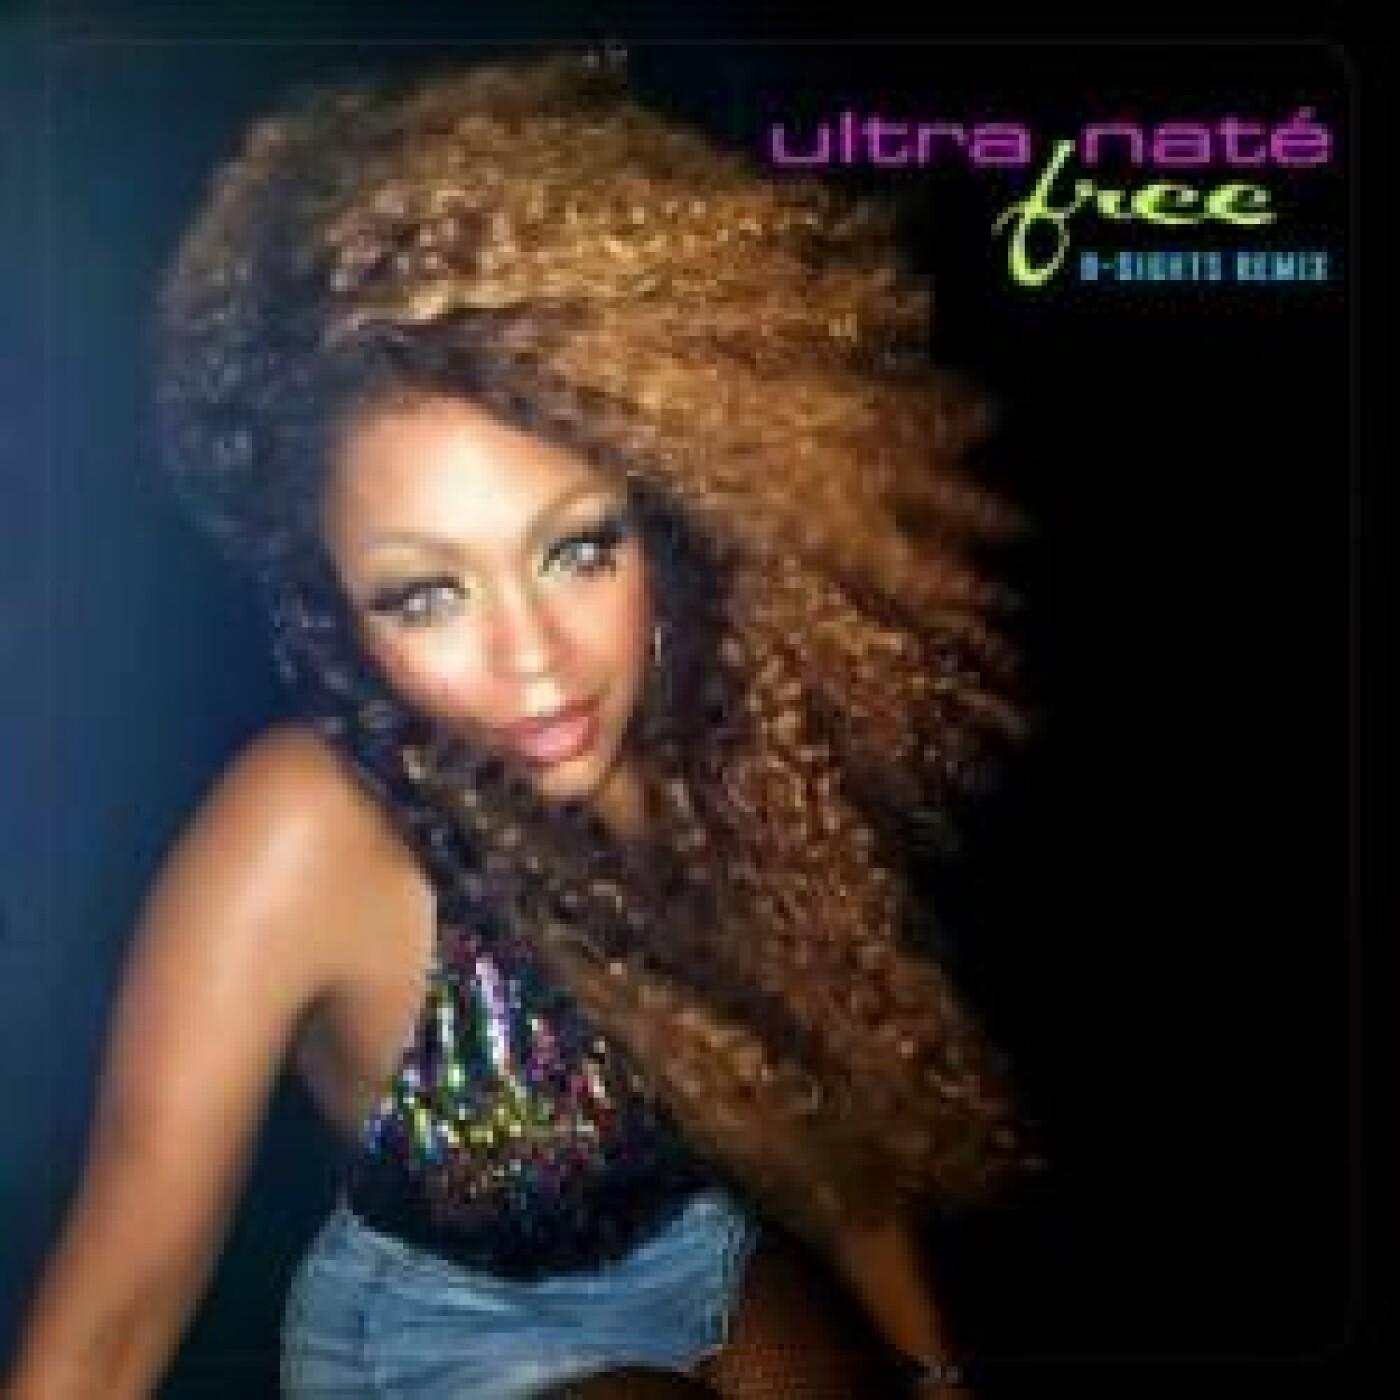 Music News de La Matinale FG : le tube 'Free' d'Ultra Naté remixé